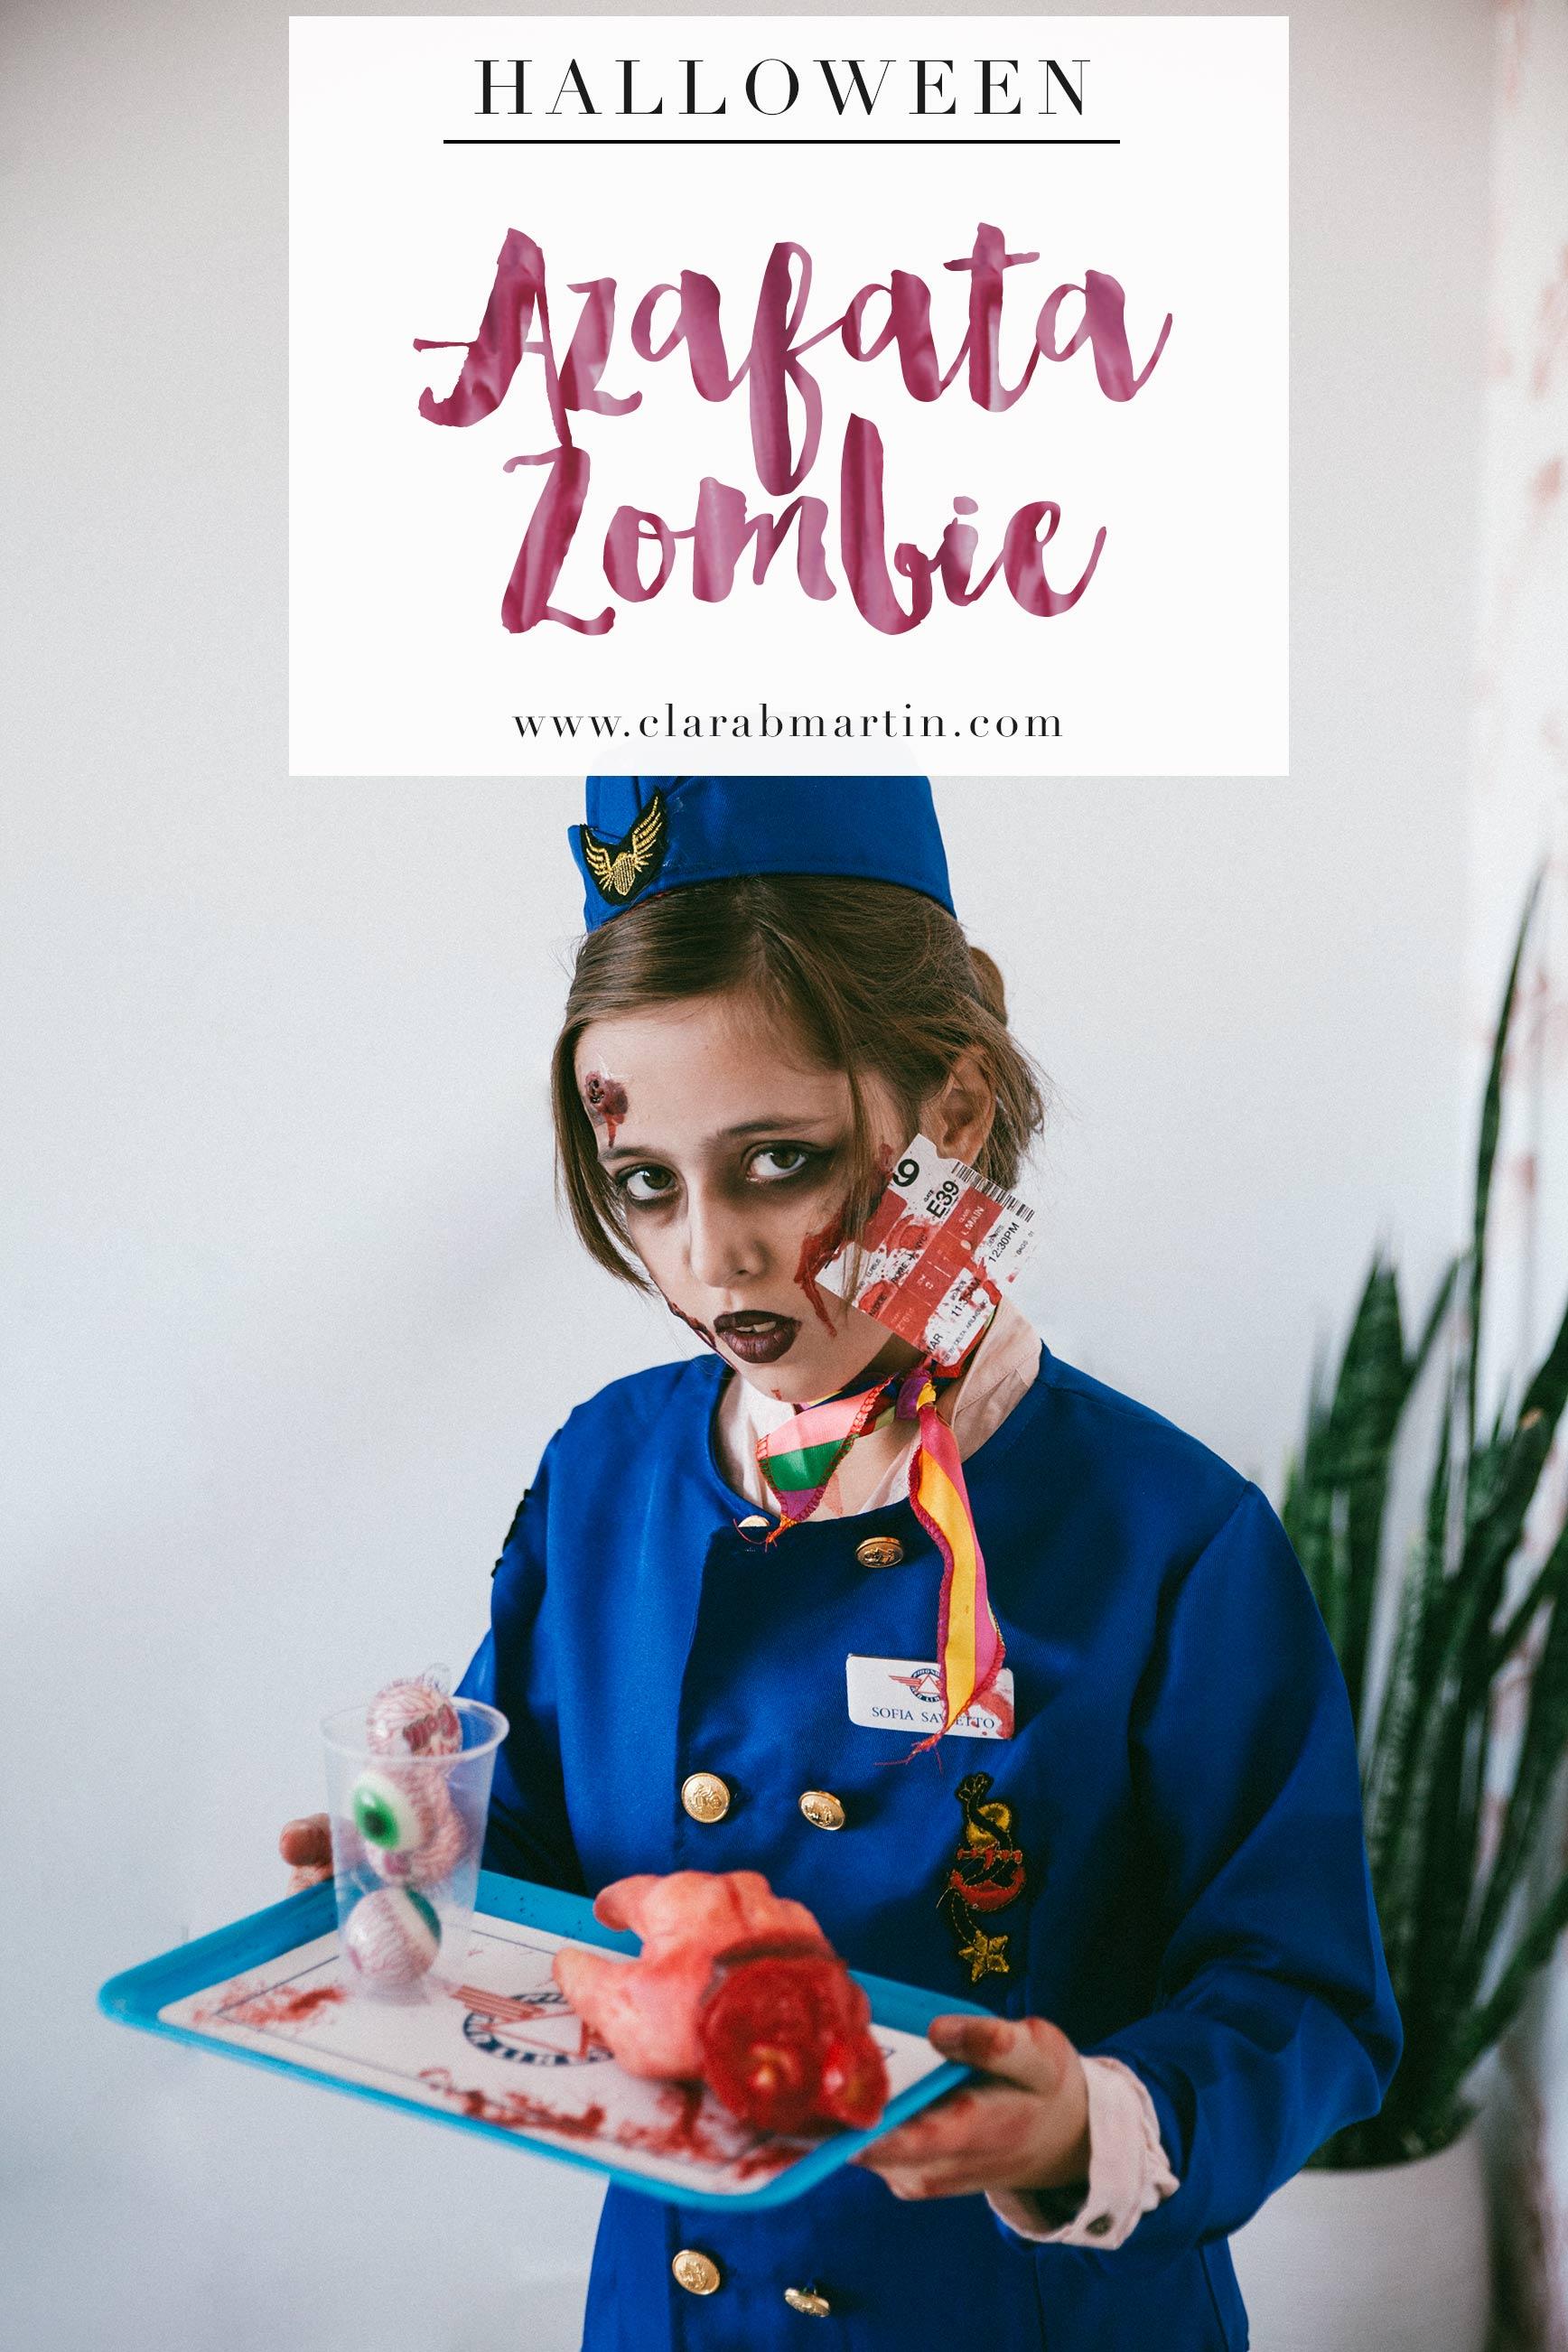 Disfraz Halloween azafata zombie